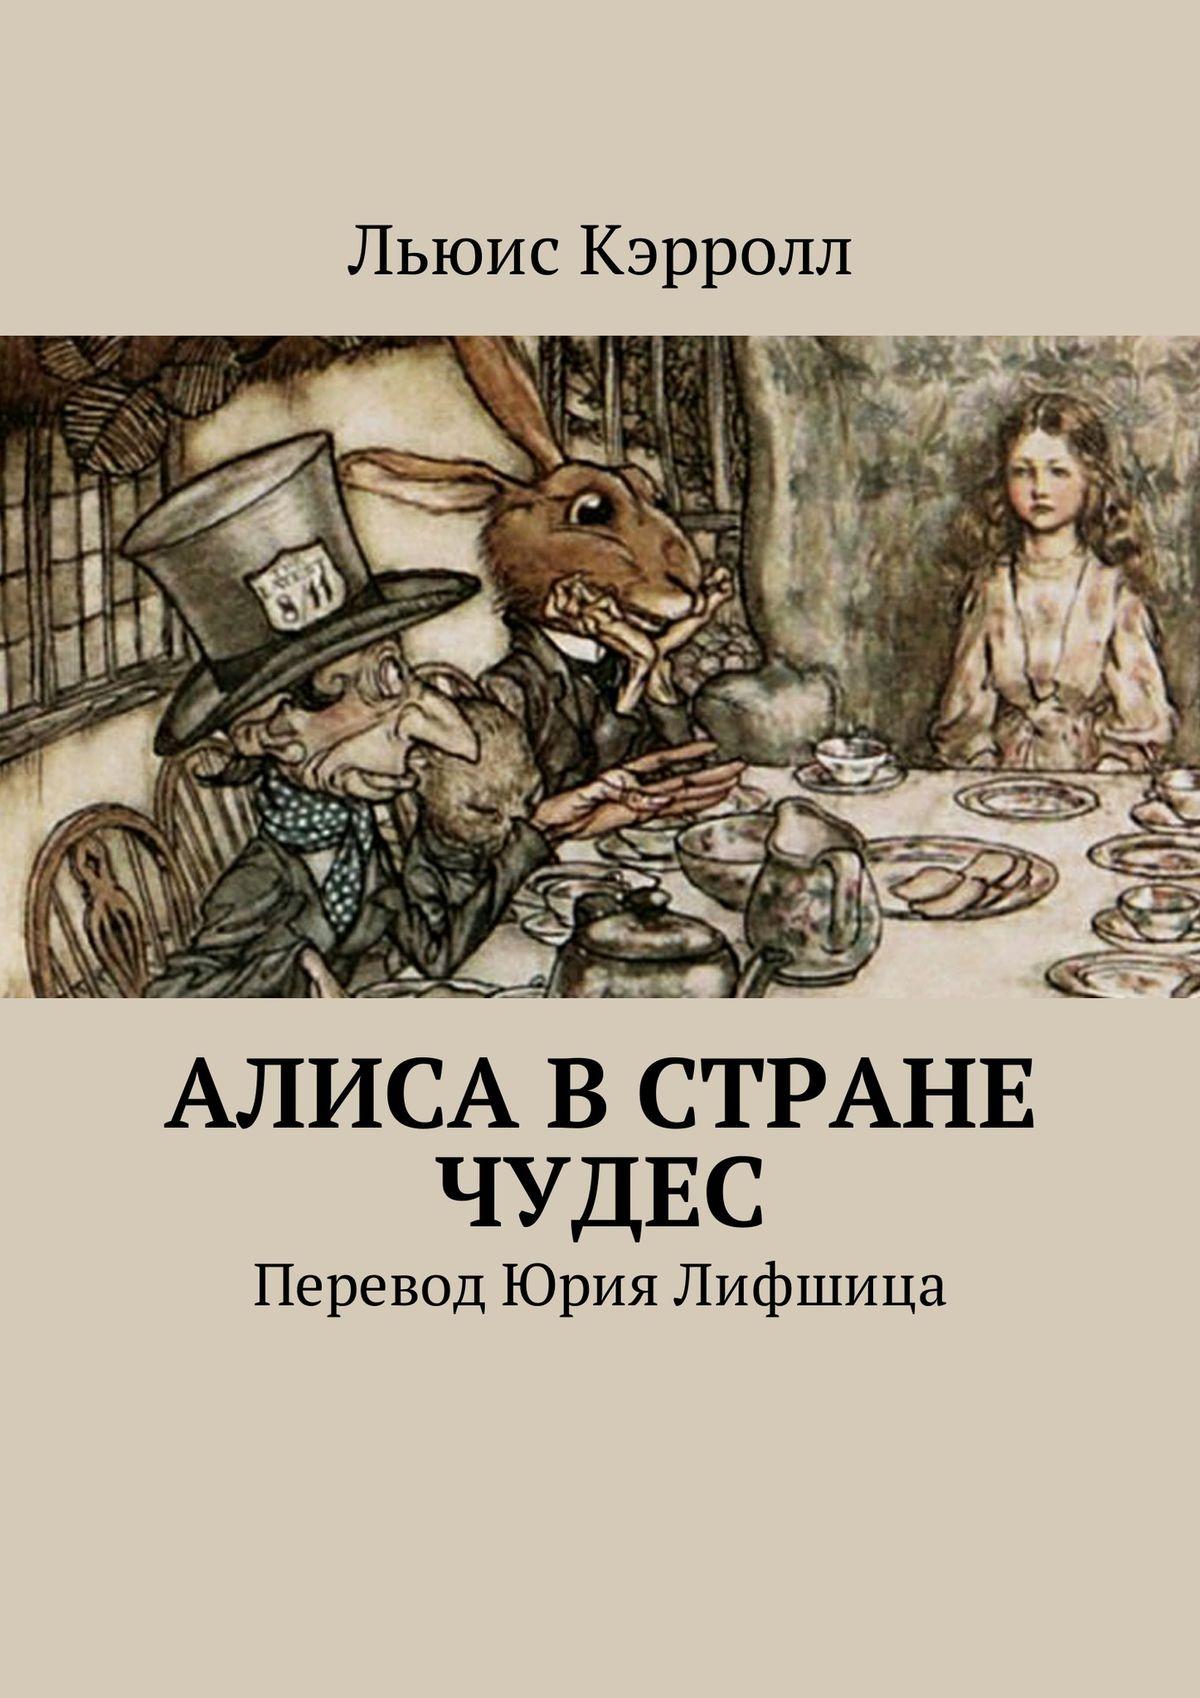 Алиса вСтране чудес. Перевод Юрия Лифшица